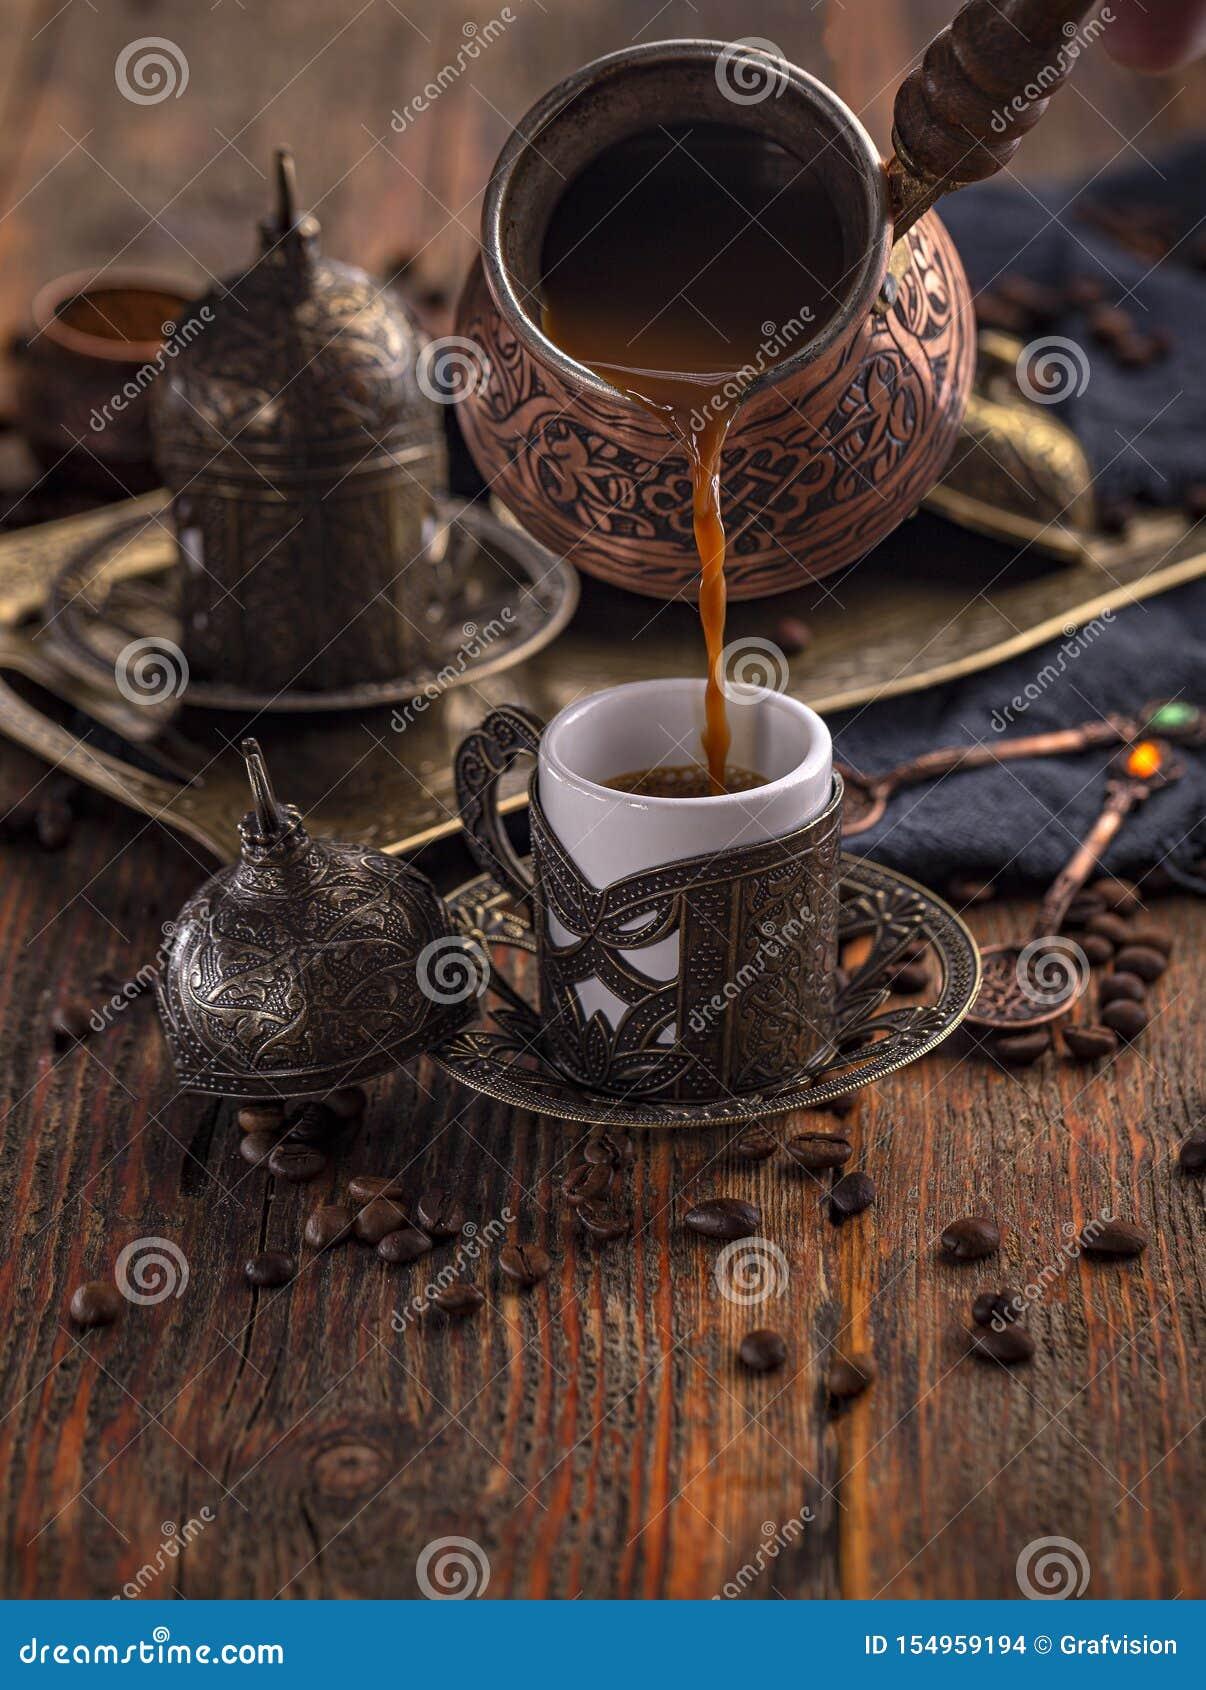 Ny breved coffe i cezve